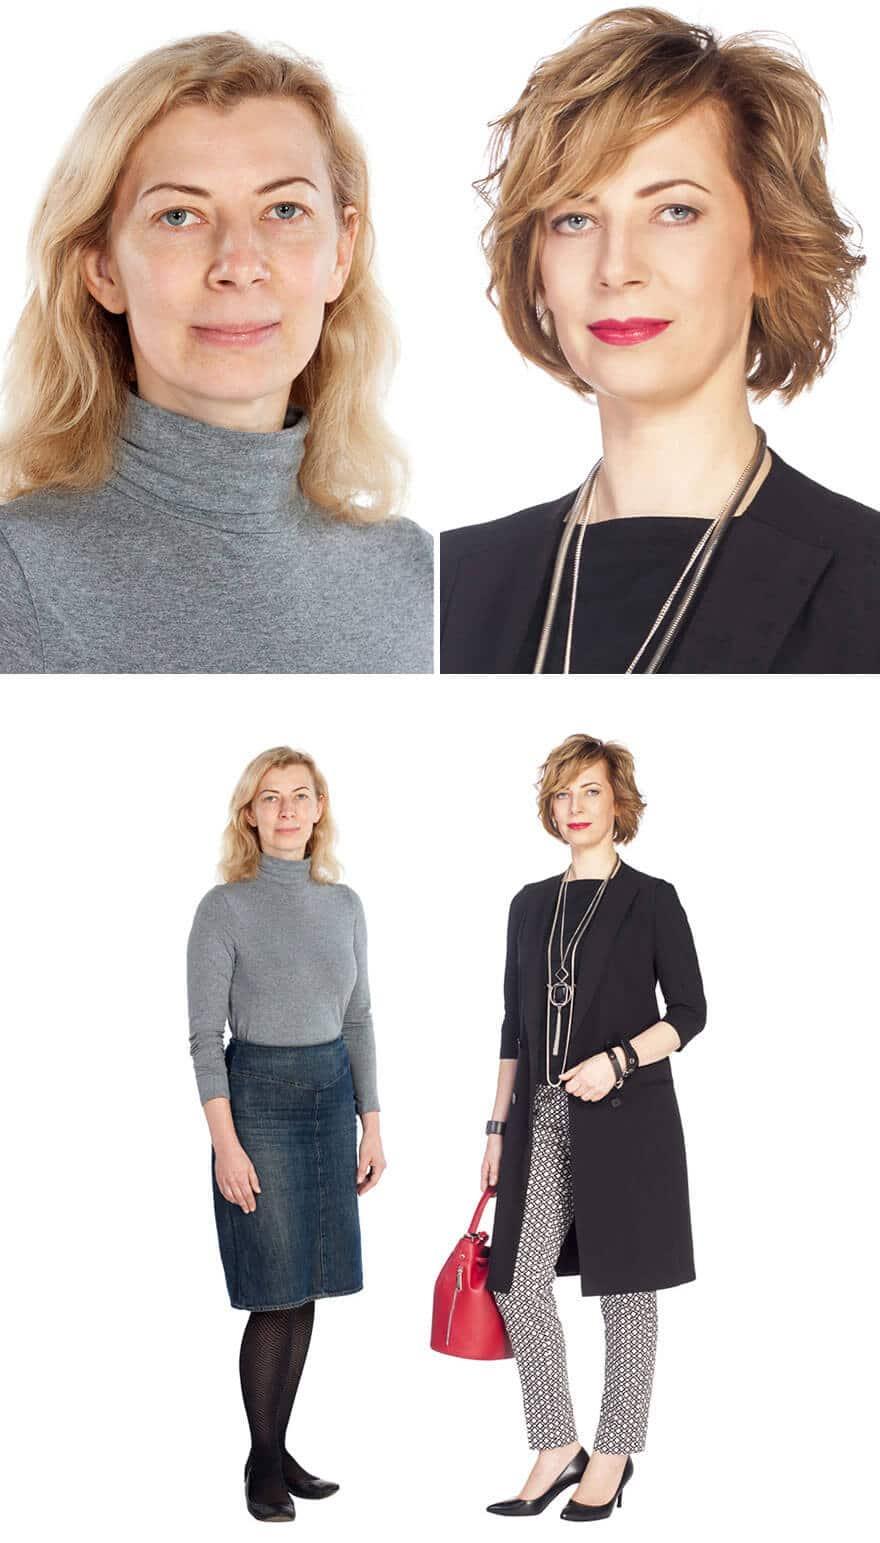 Neues Outfit mit Bogomolov Image - russischer Designer